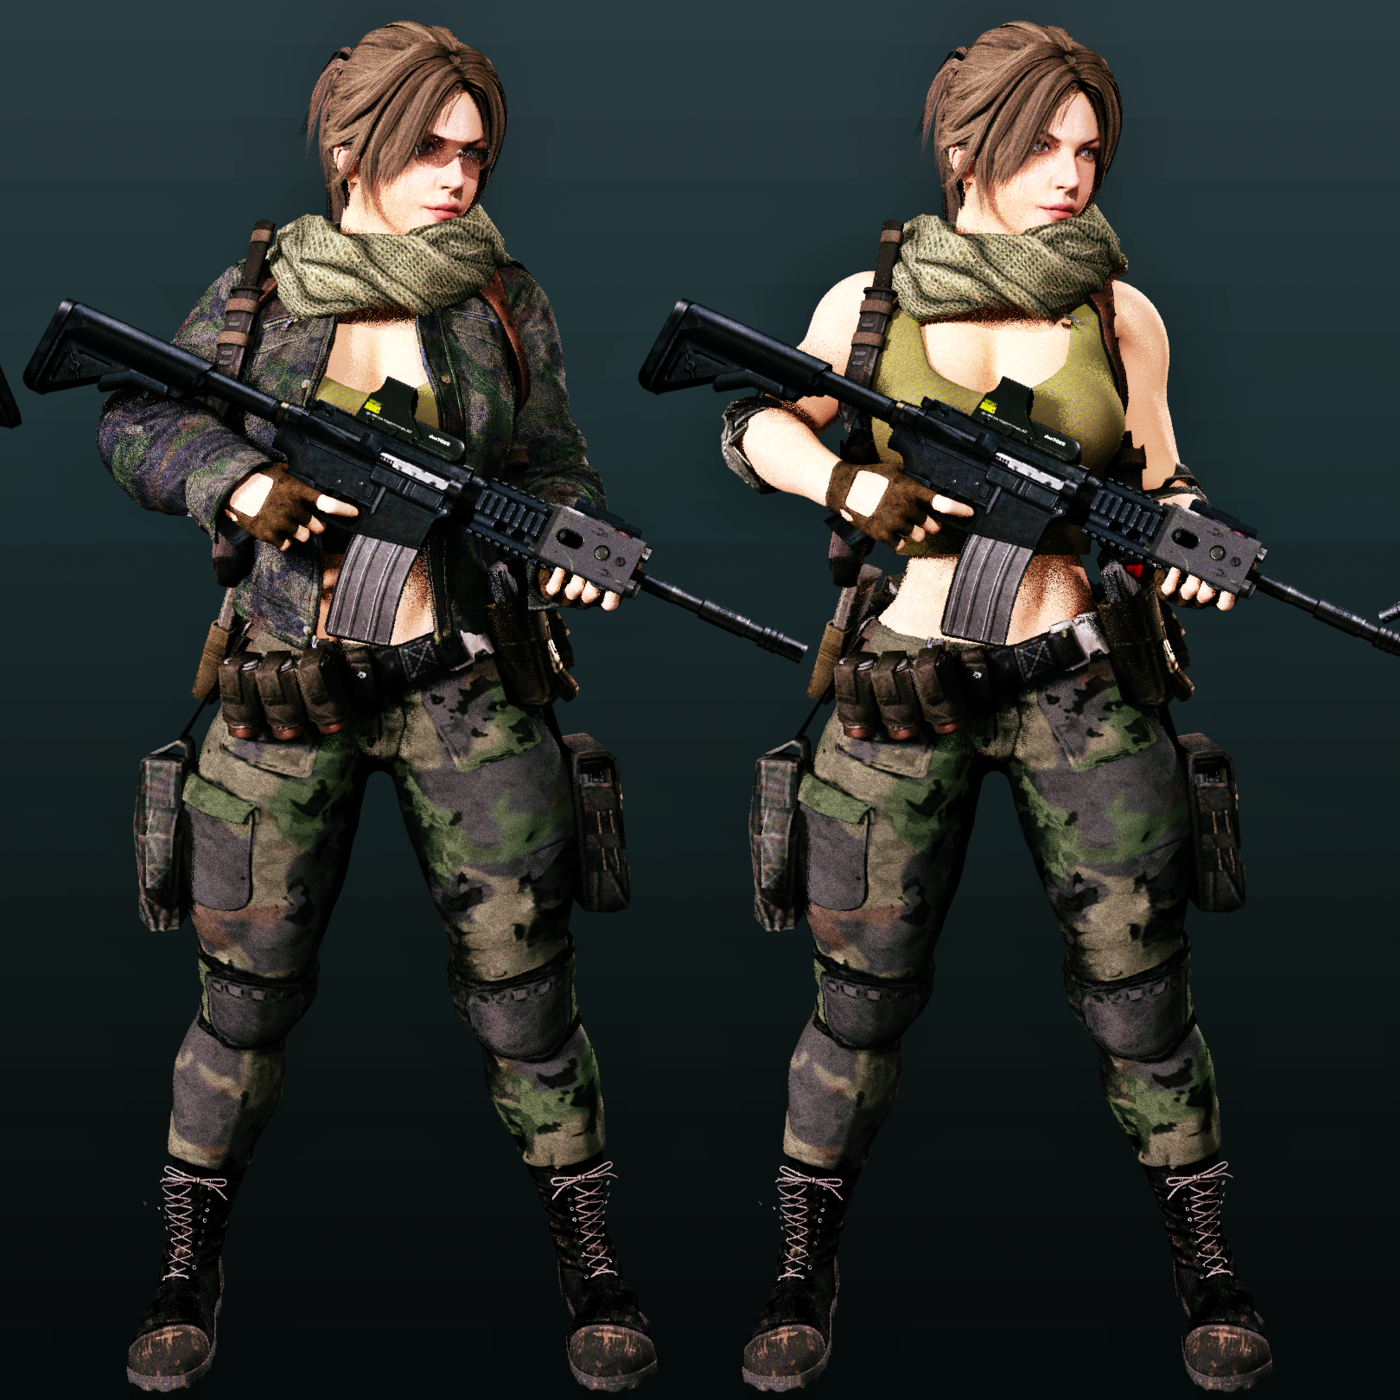 JD lauren's soldier